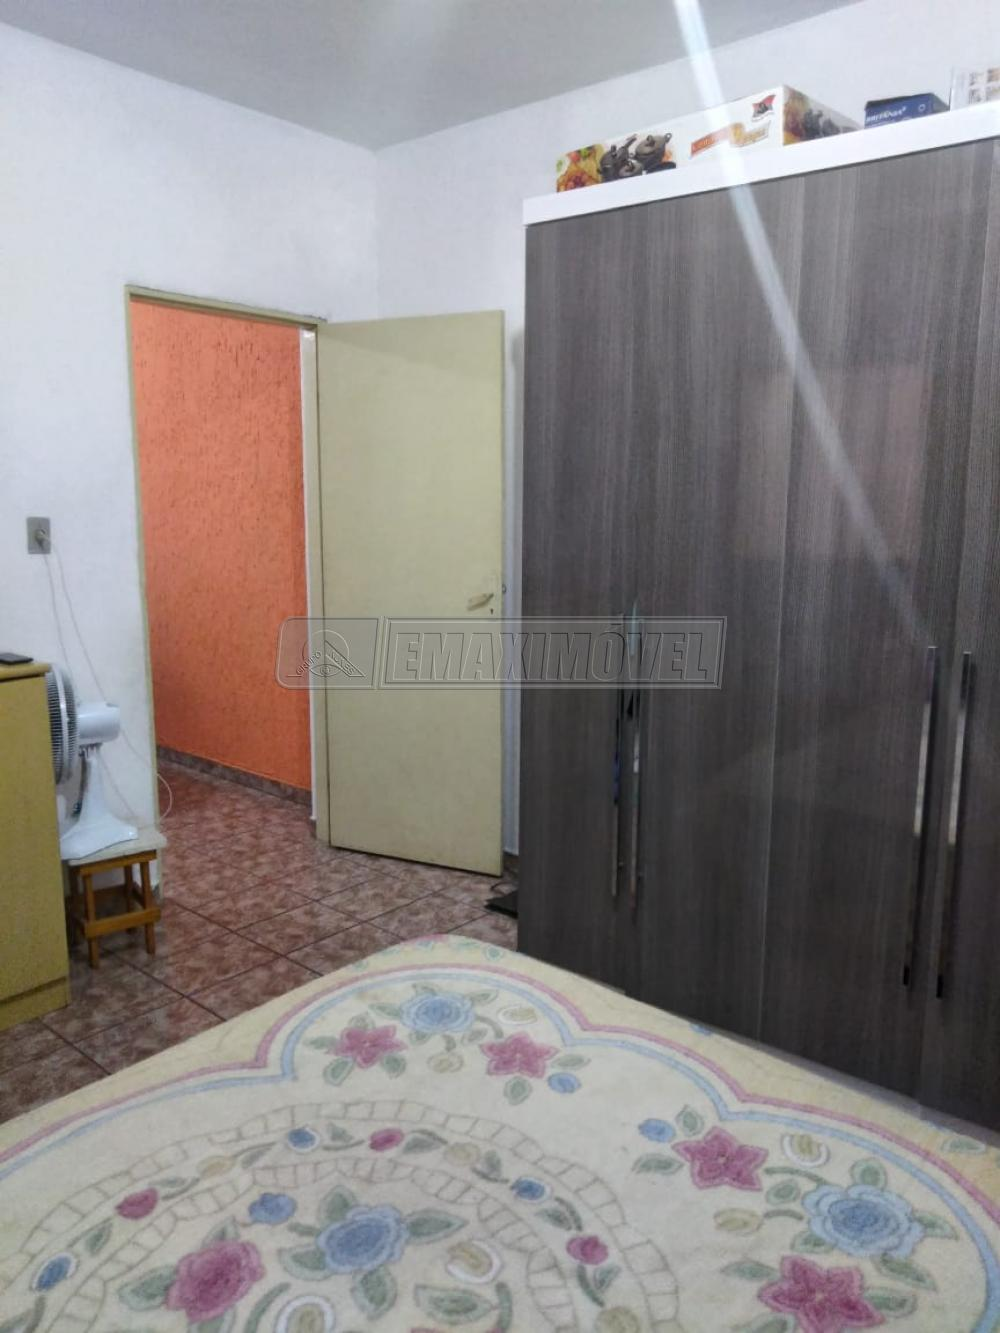 Comprar Casa / em Bairros em Votorantim R$ 295.000,00 - Foto 10